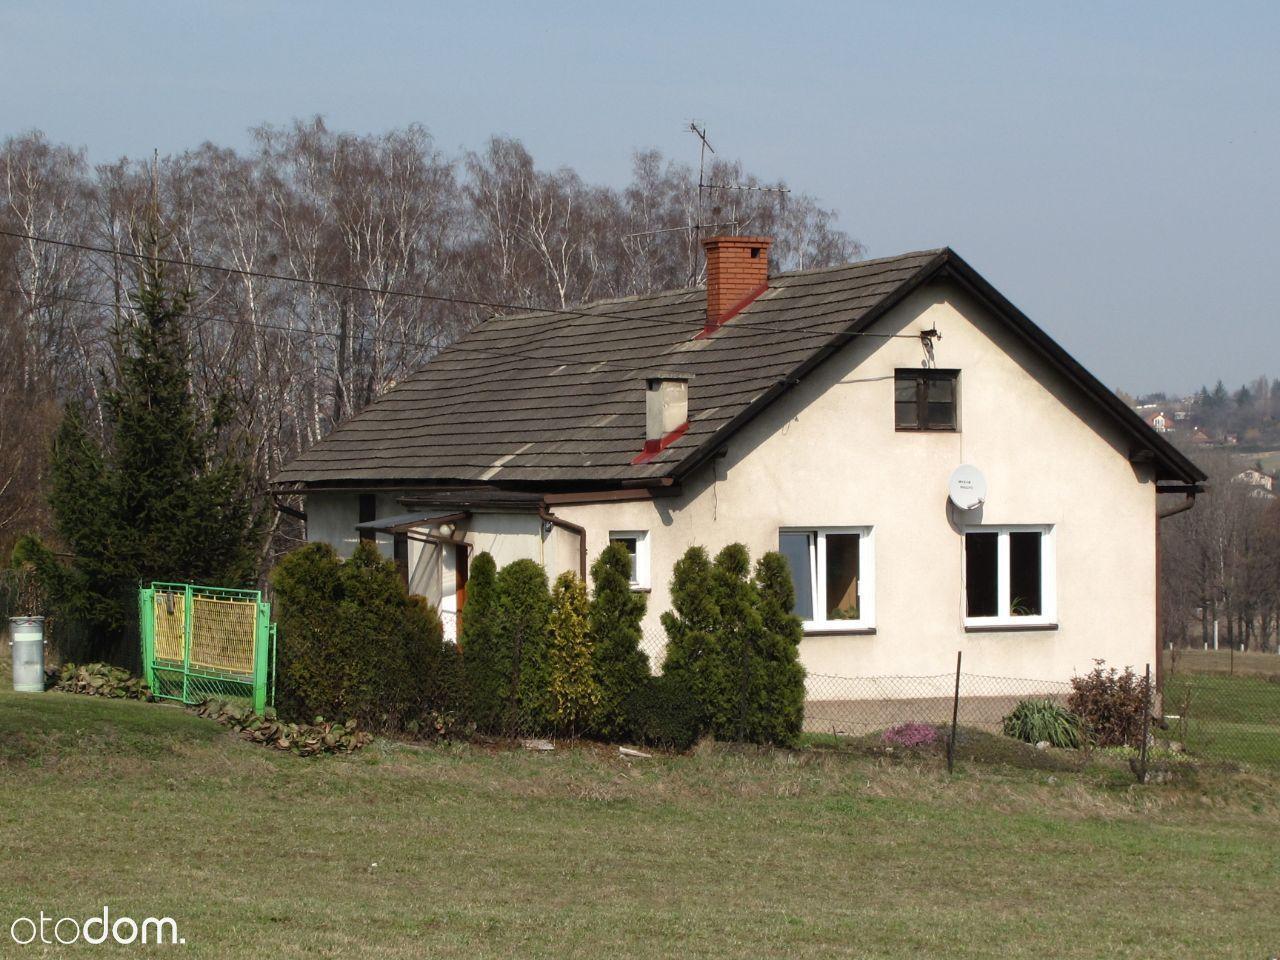 Dom w Cieszynie w dzielnicy Błogocice.